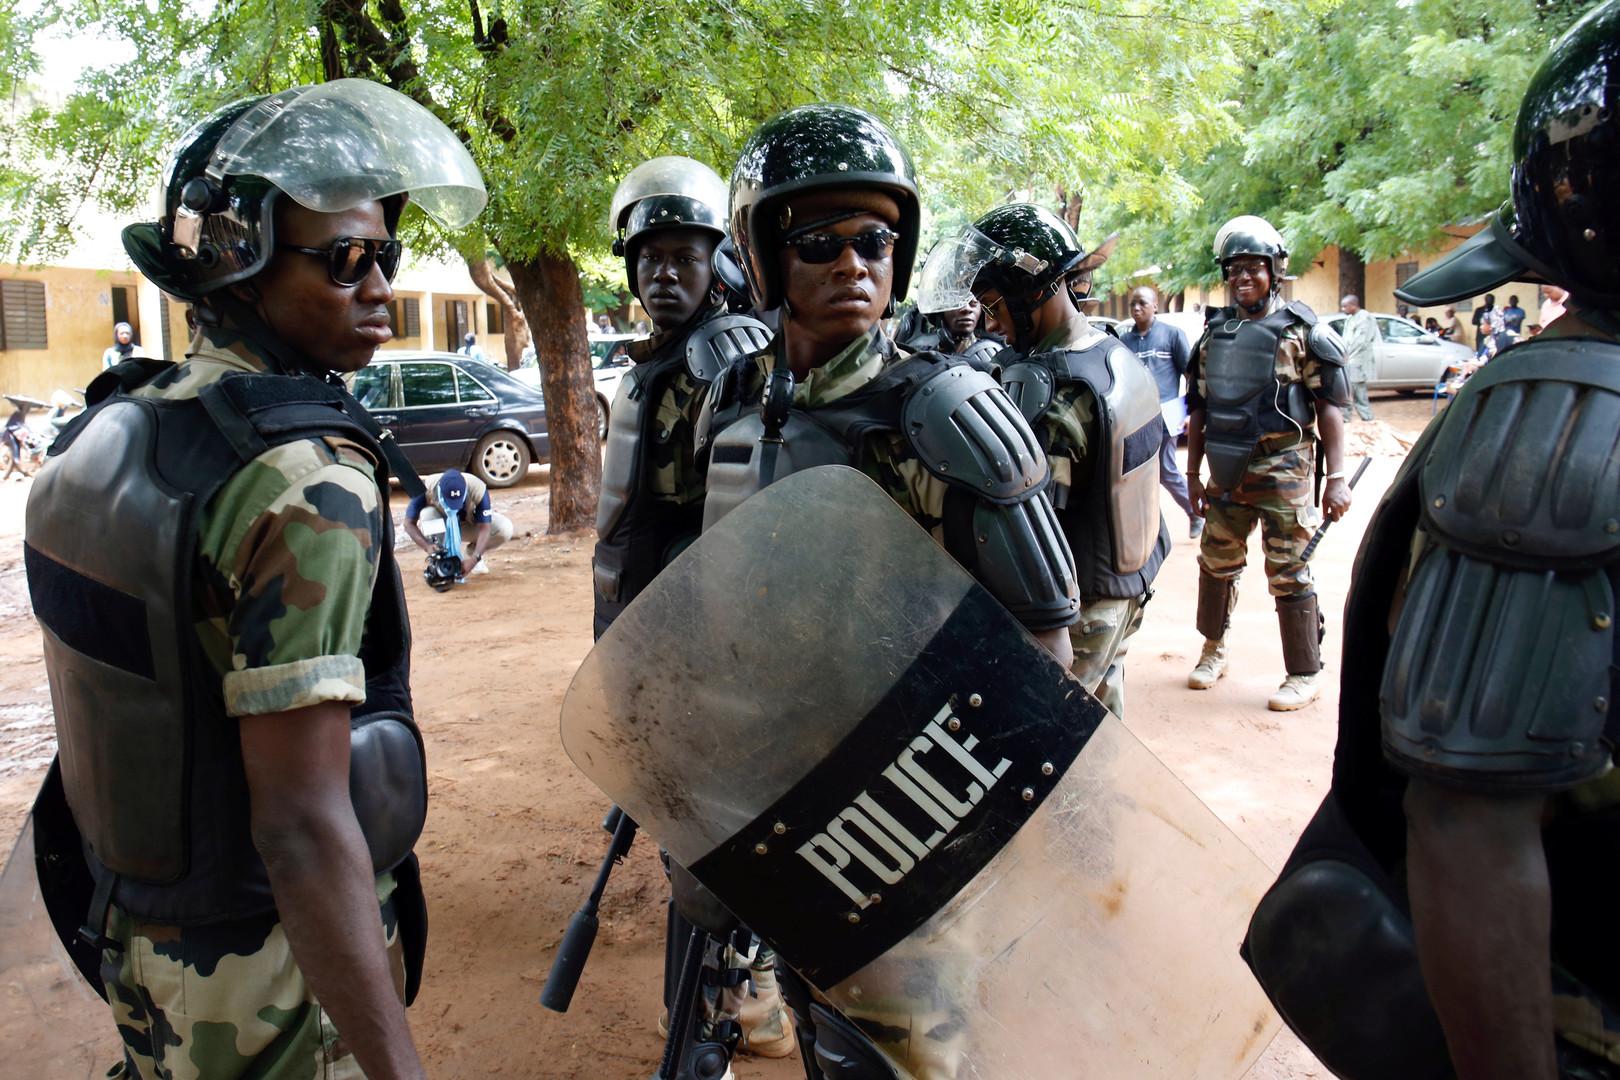 مقتل 10 عسكريين في مالي جراء هجوم إرهابي